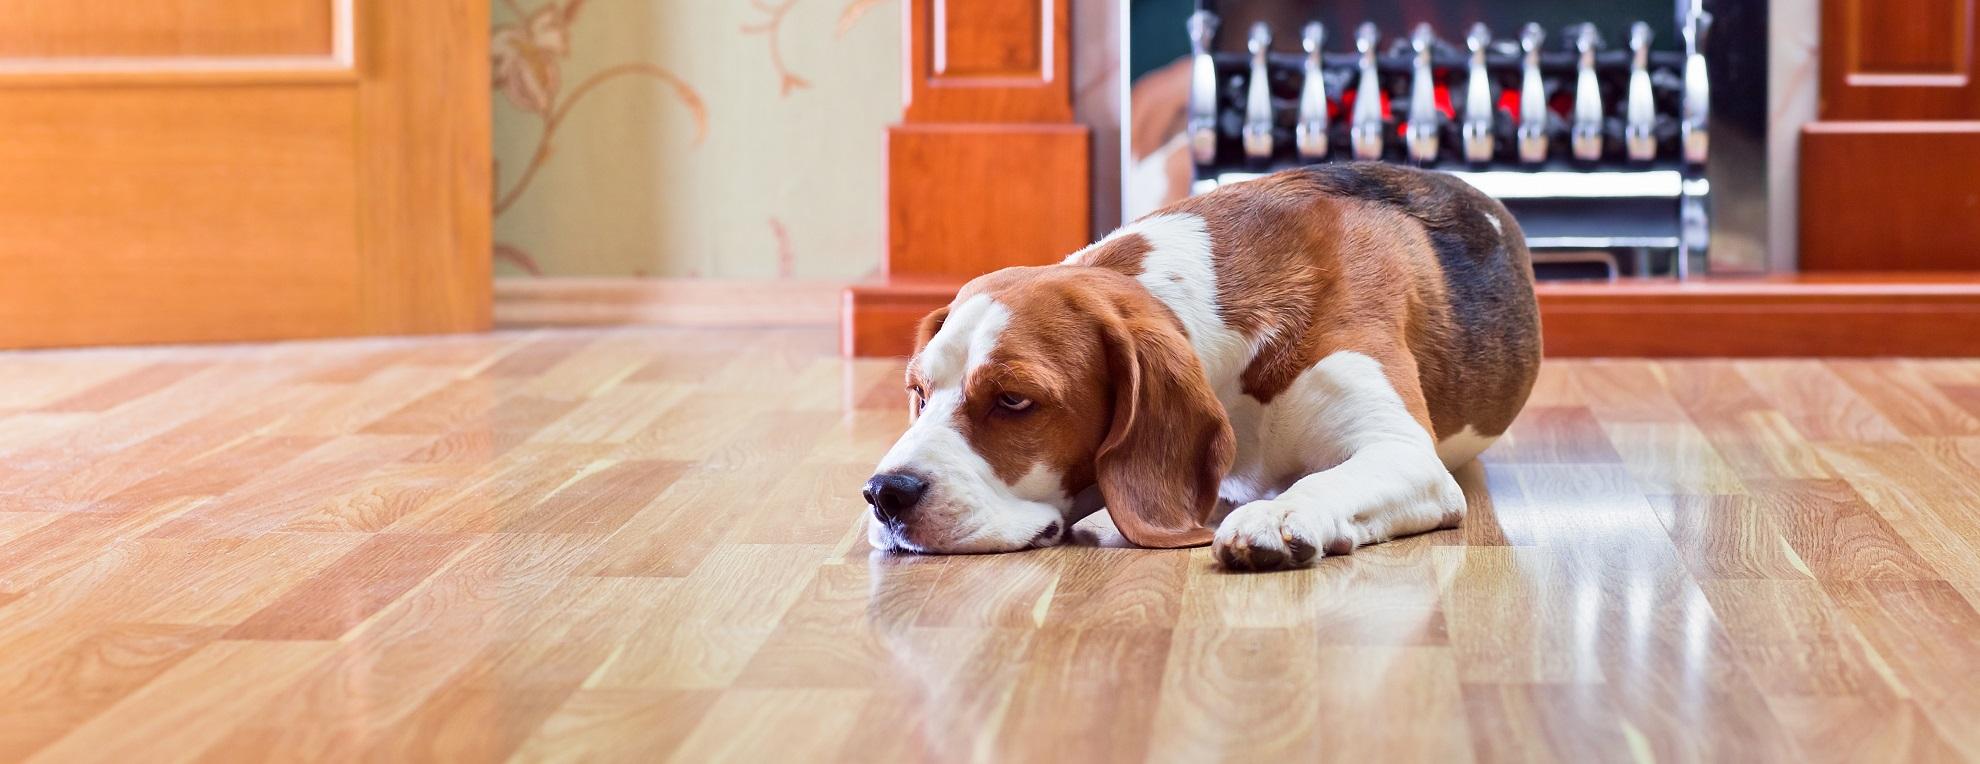 dog sleeping on hardwood flooring ct